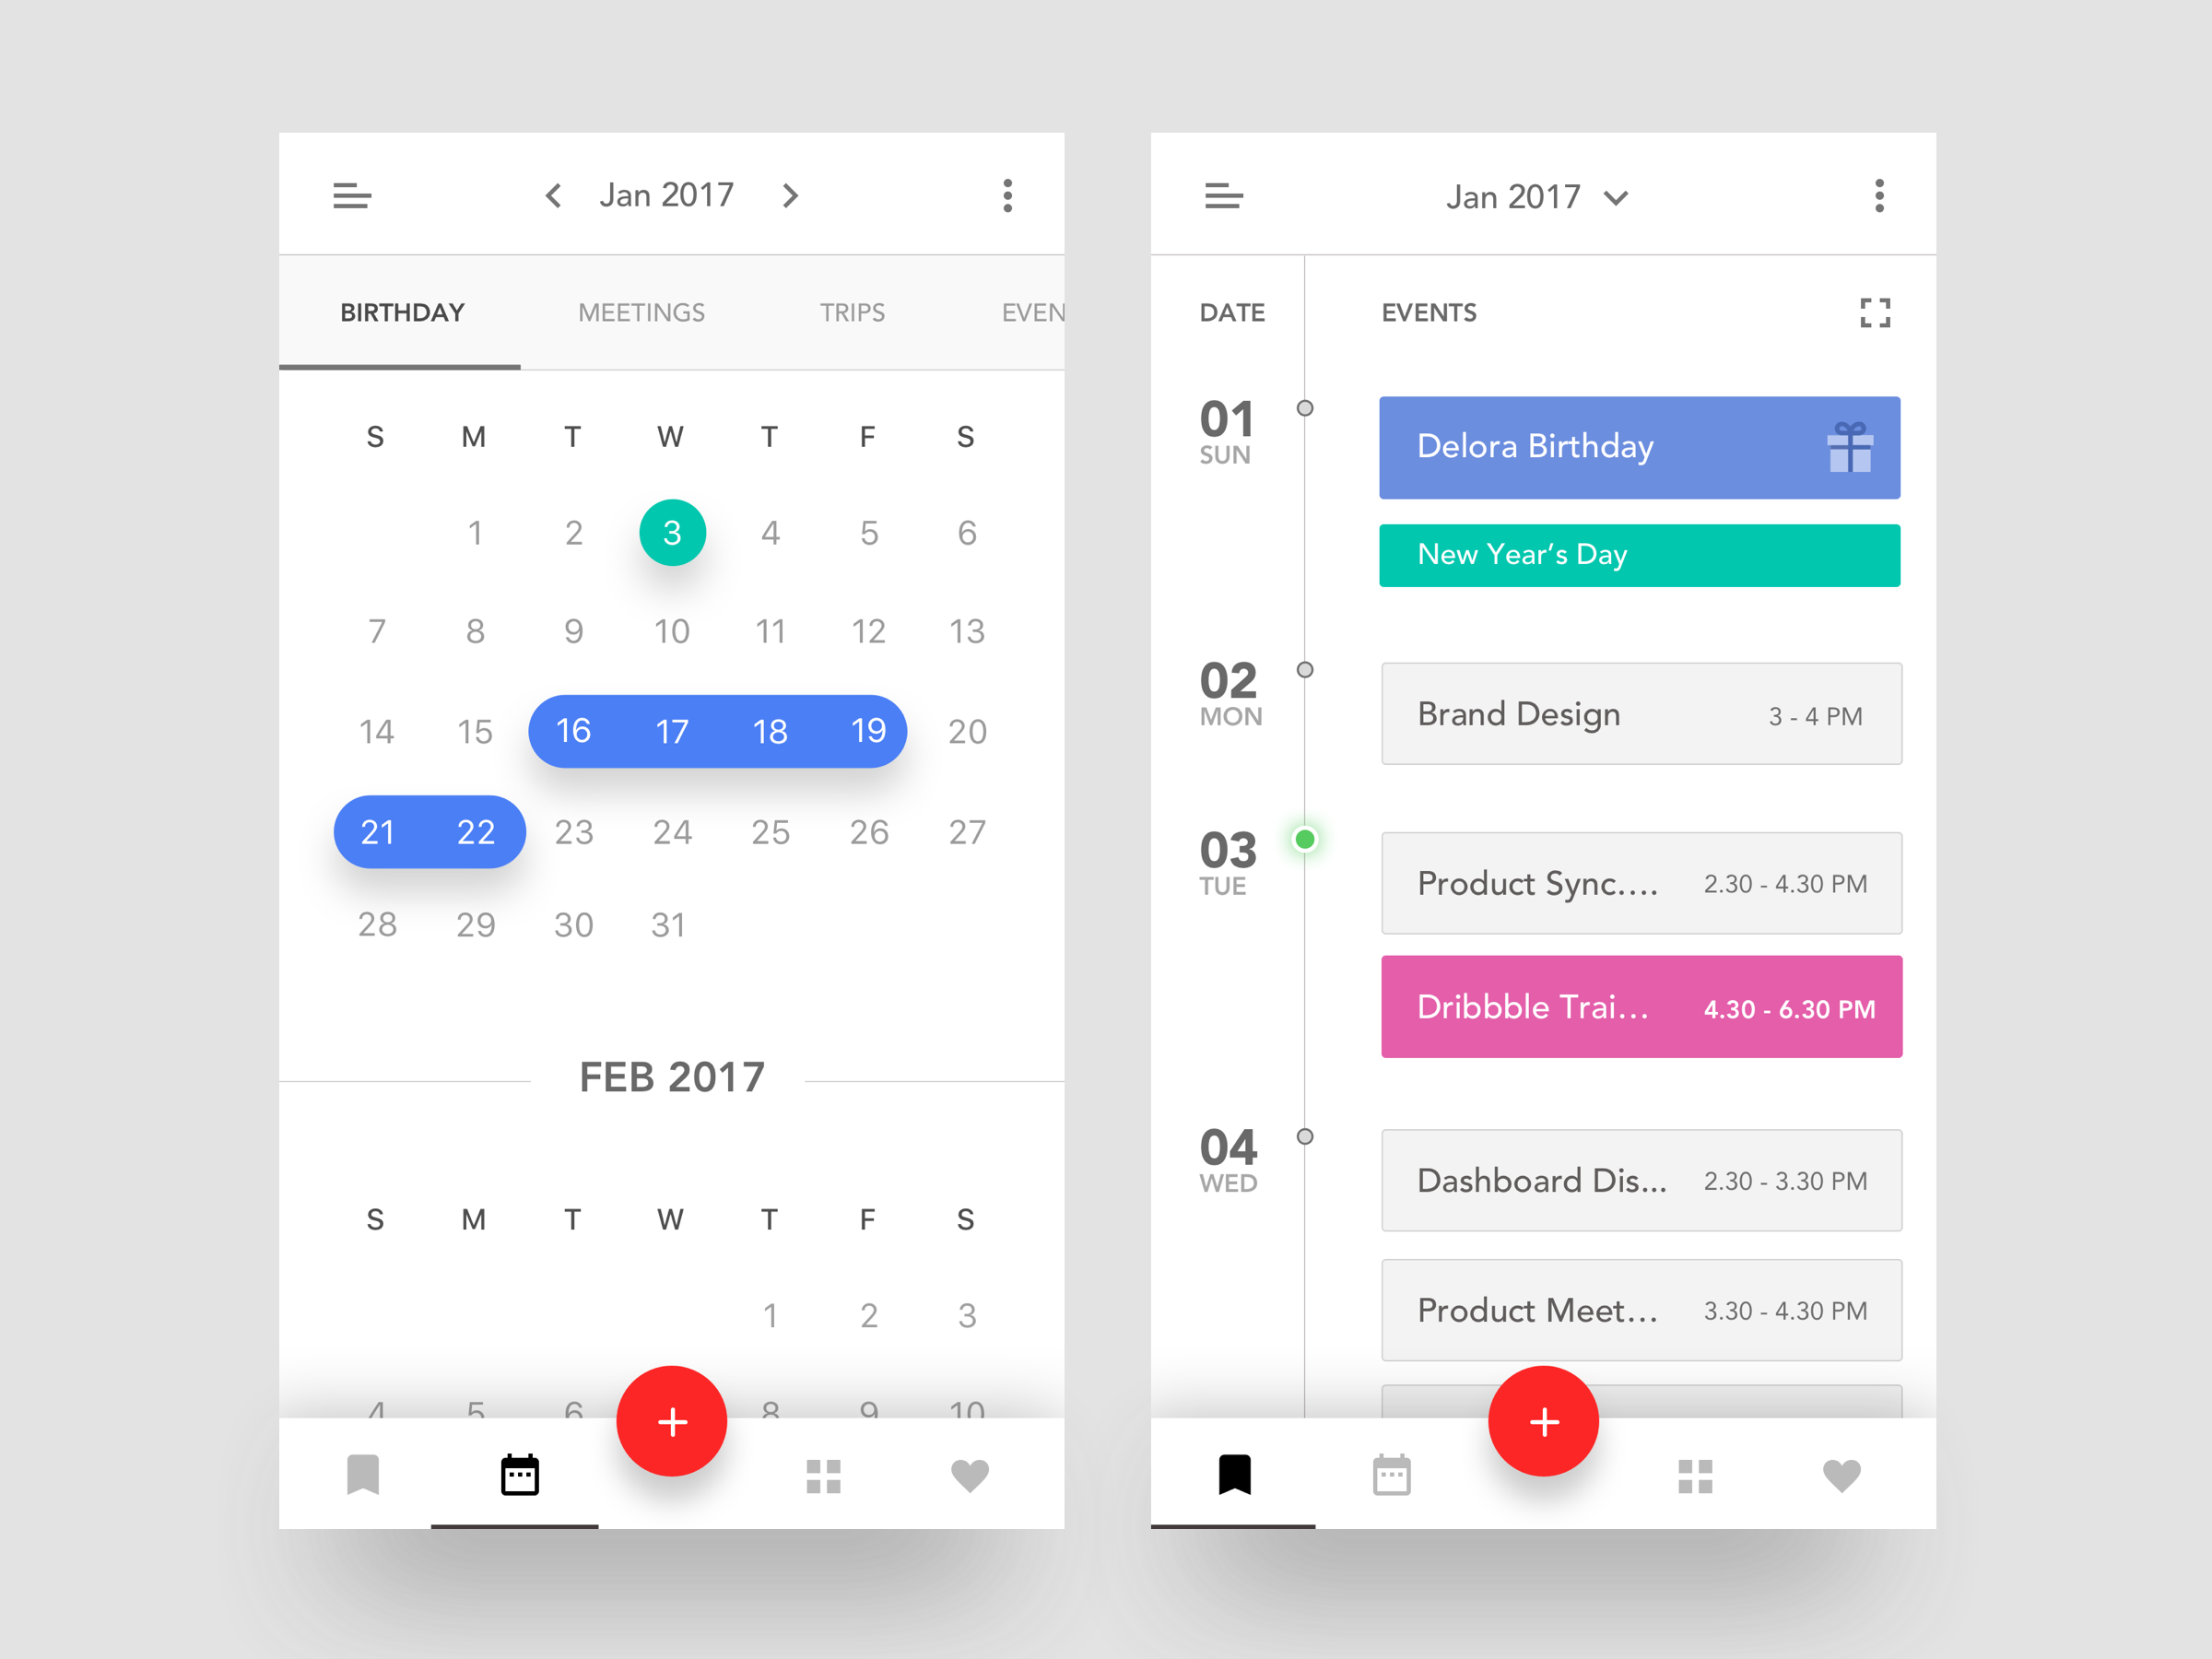 Event Calendar Ui Design : Calendar ui design pinterest event app and